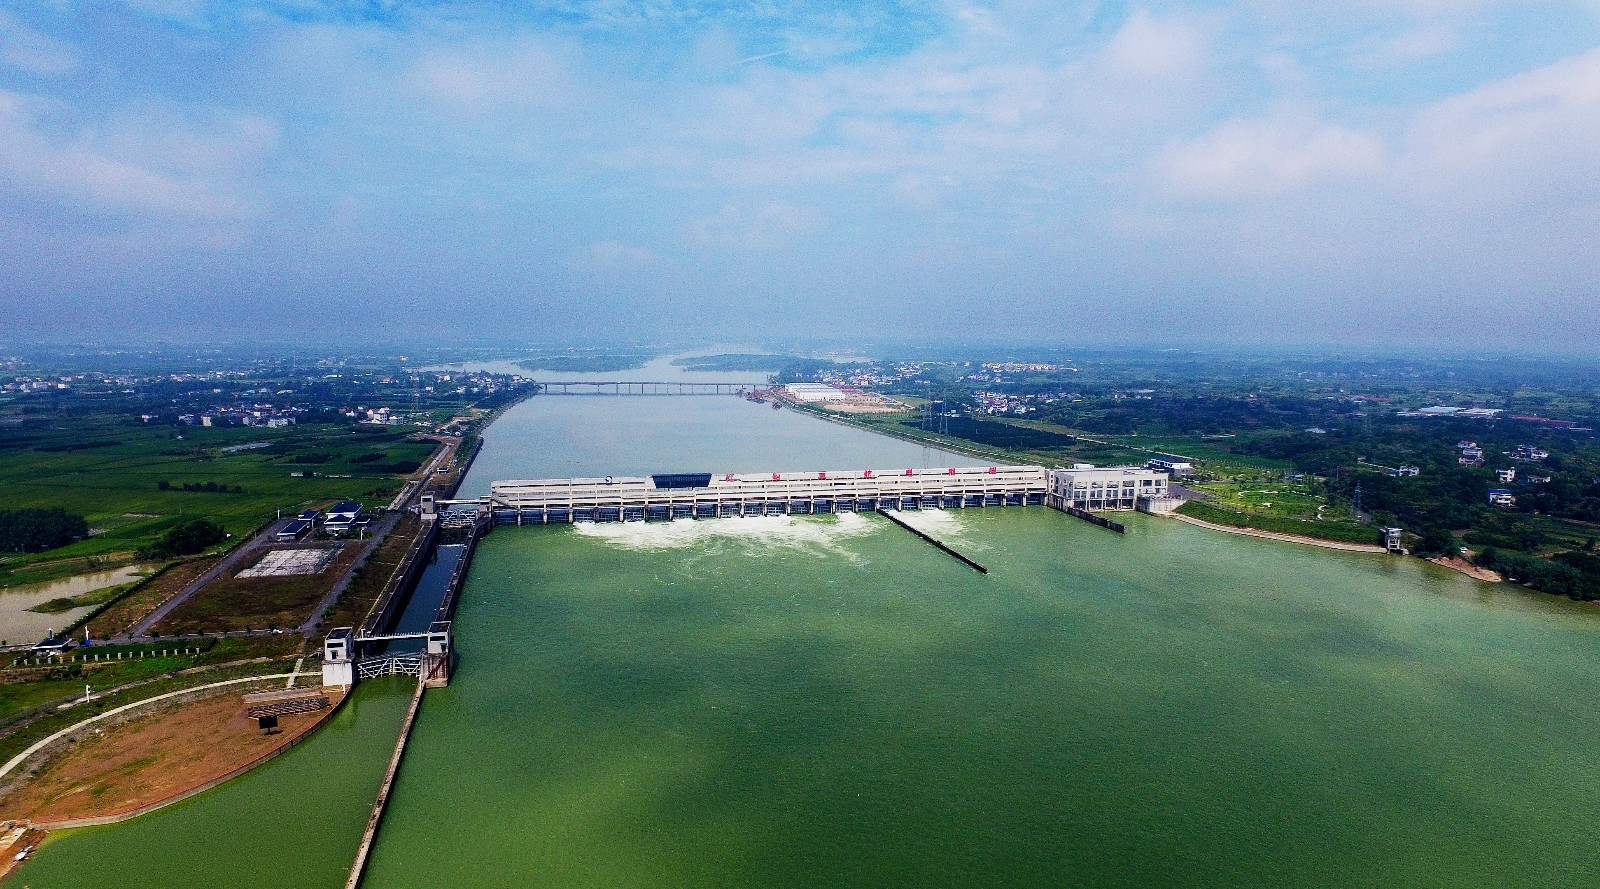 钱塘江中上游衢江(衢州段)航运开发工程